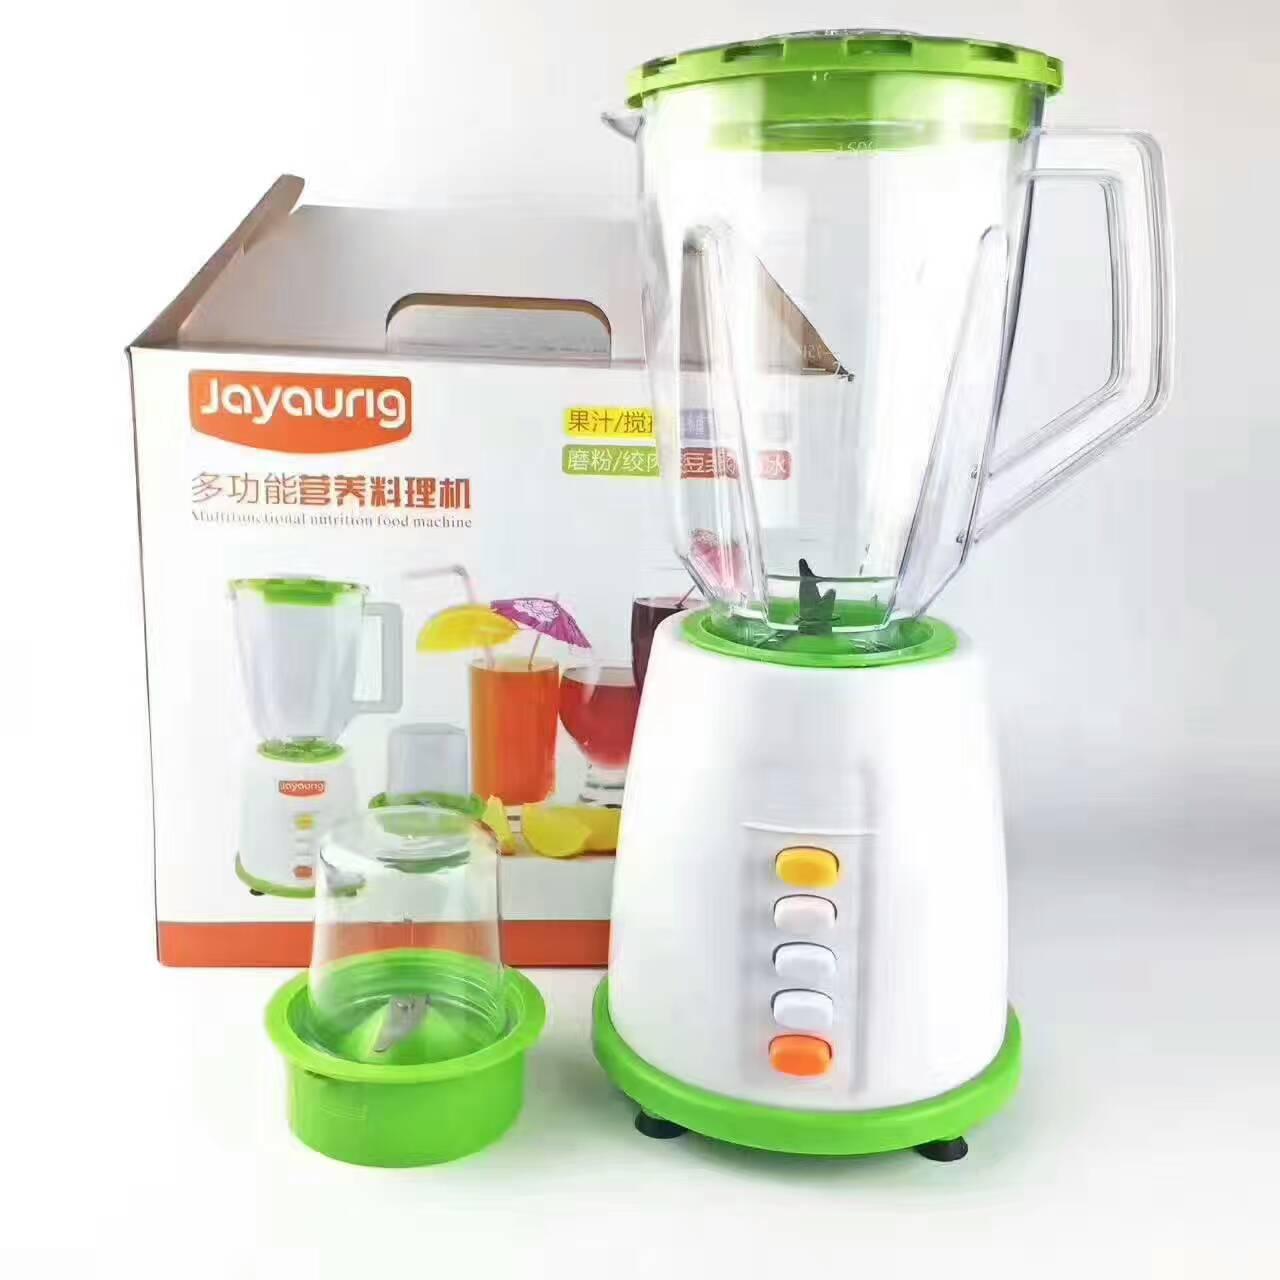 便携式榨汁机料理机搅拌机礼品